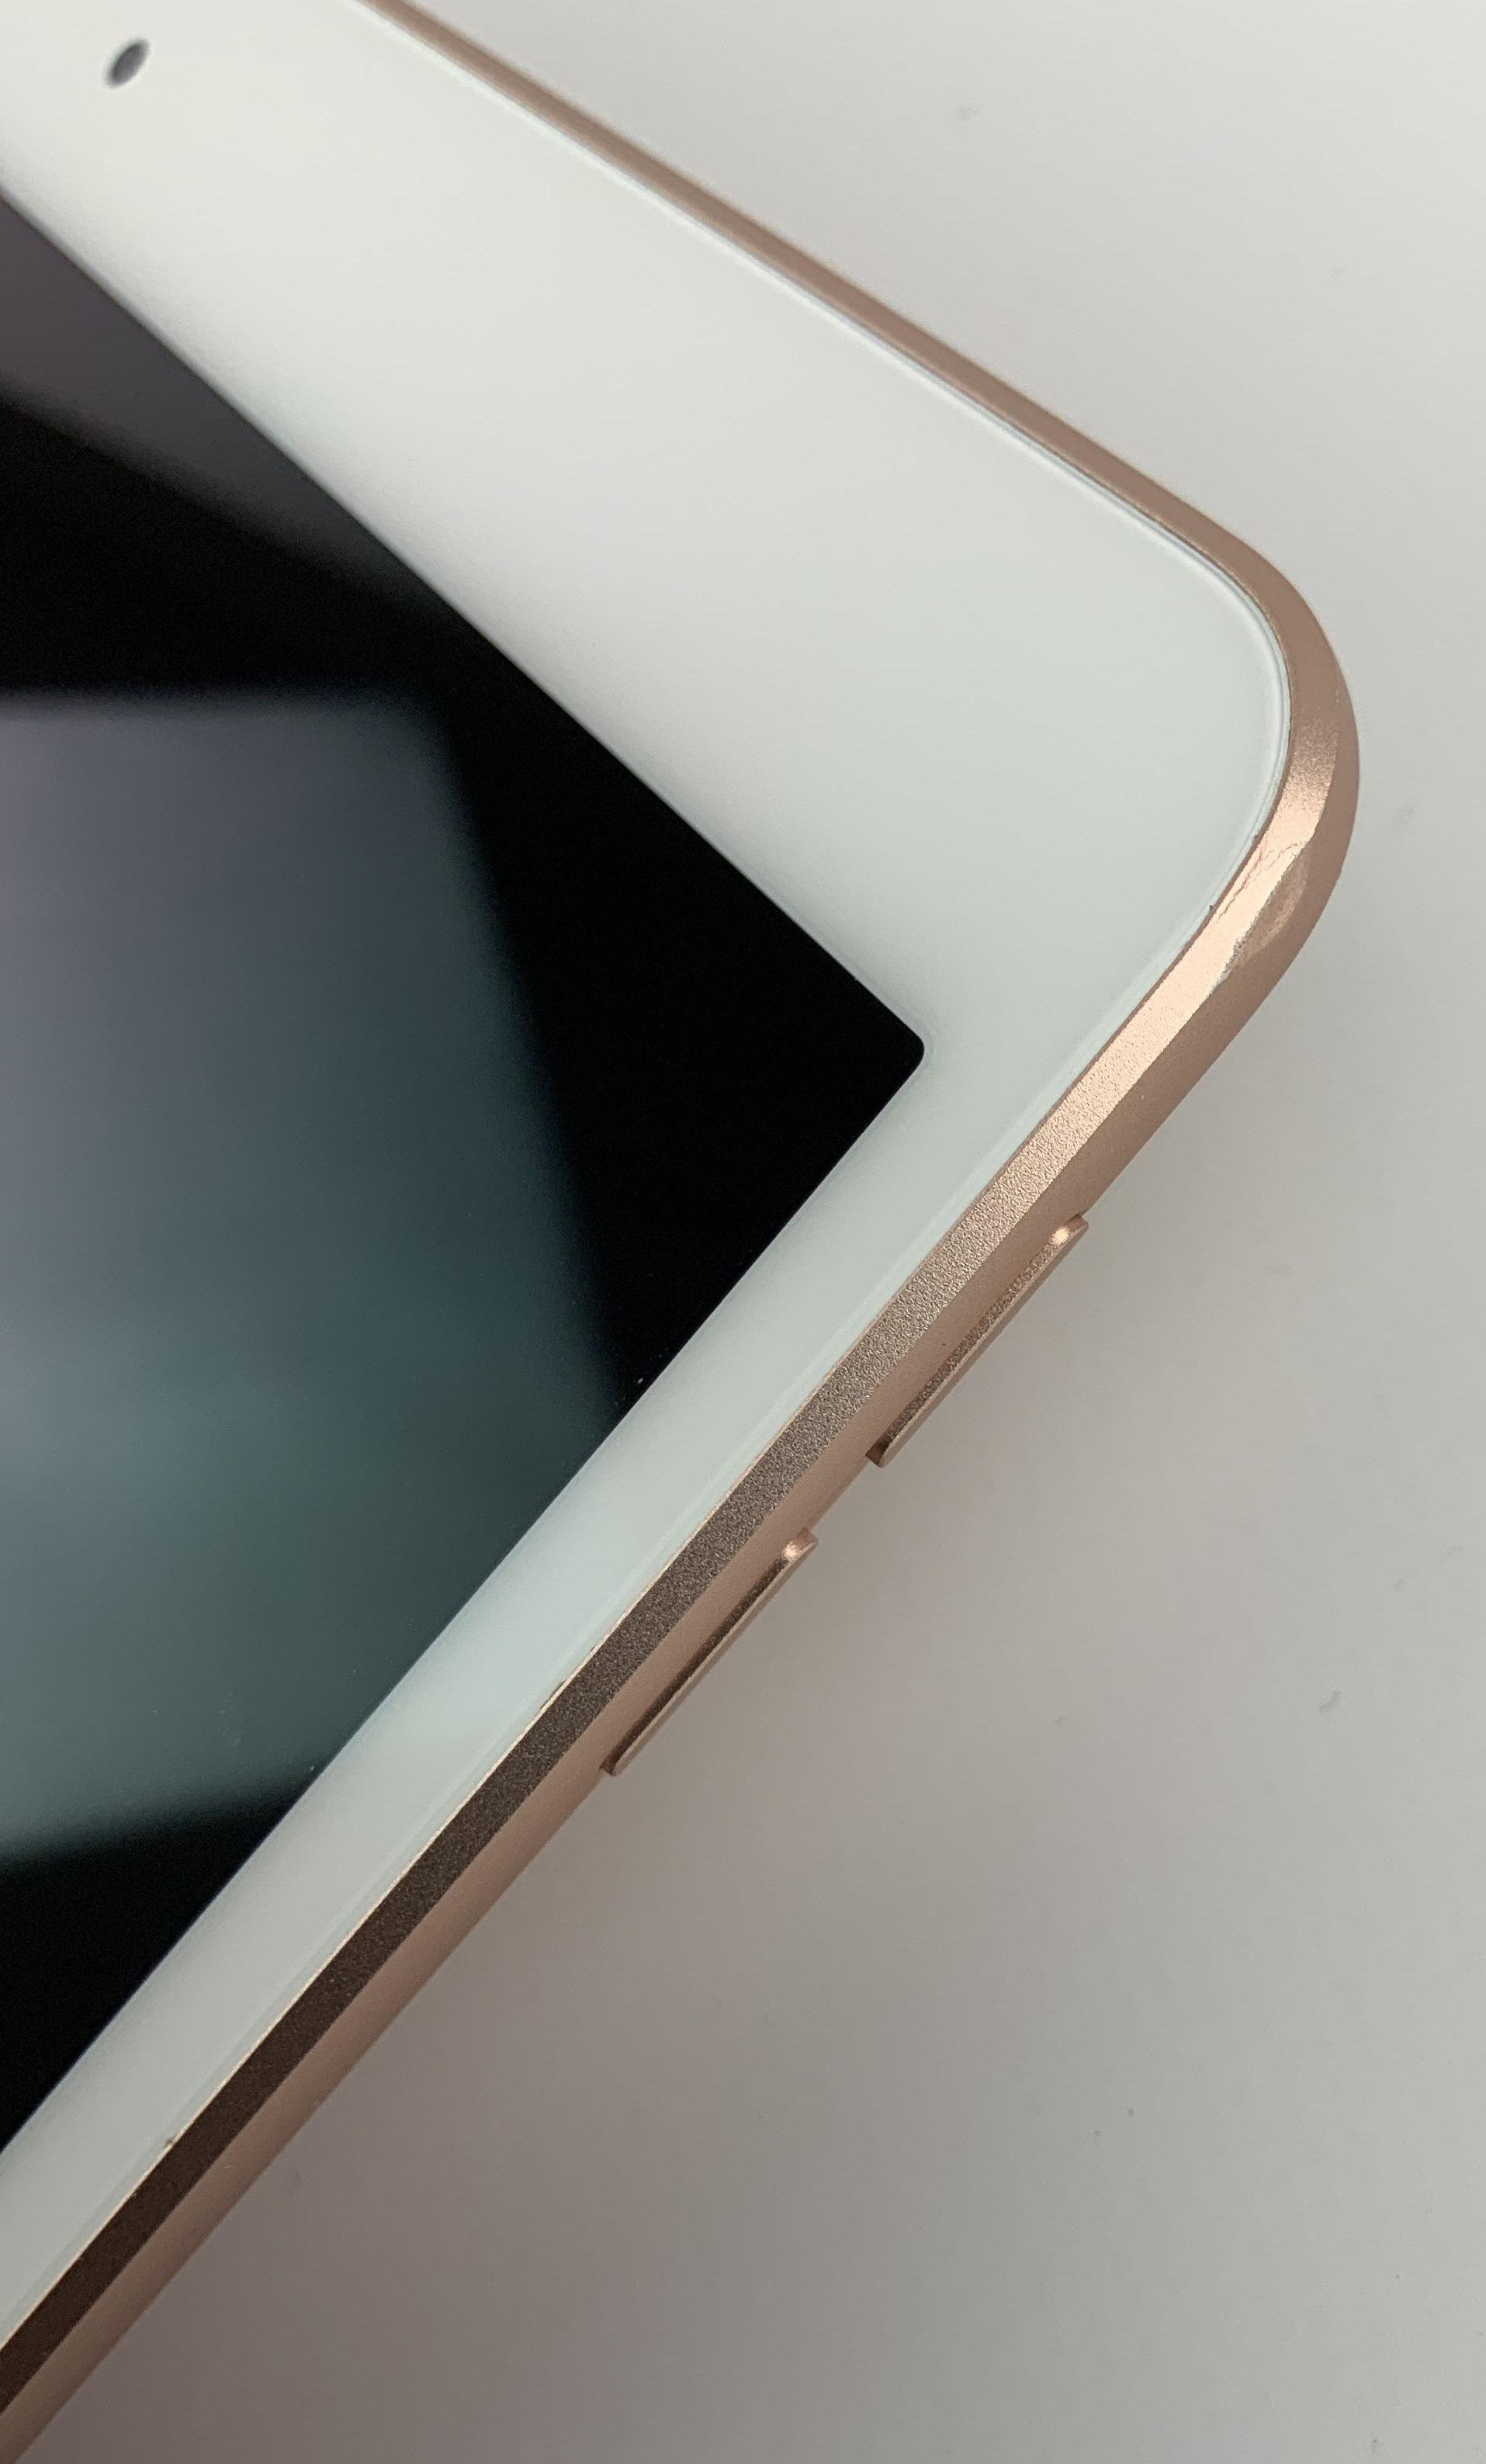 iPad Air 3 Wi-Fi 64GB, 64GB, Gold, Bild 4